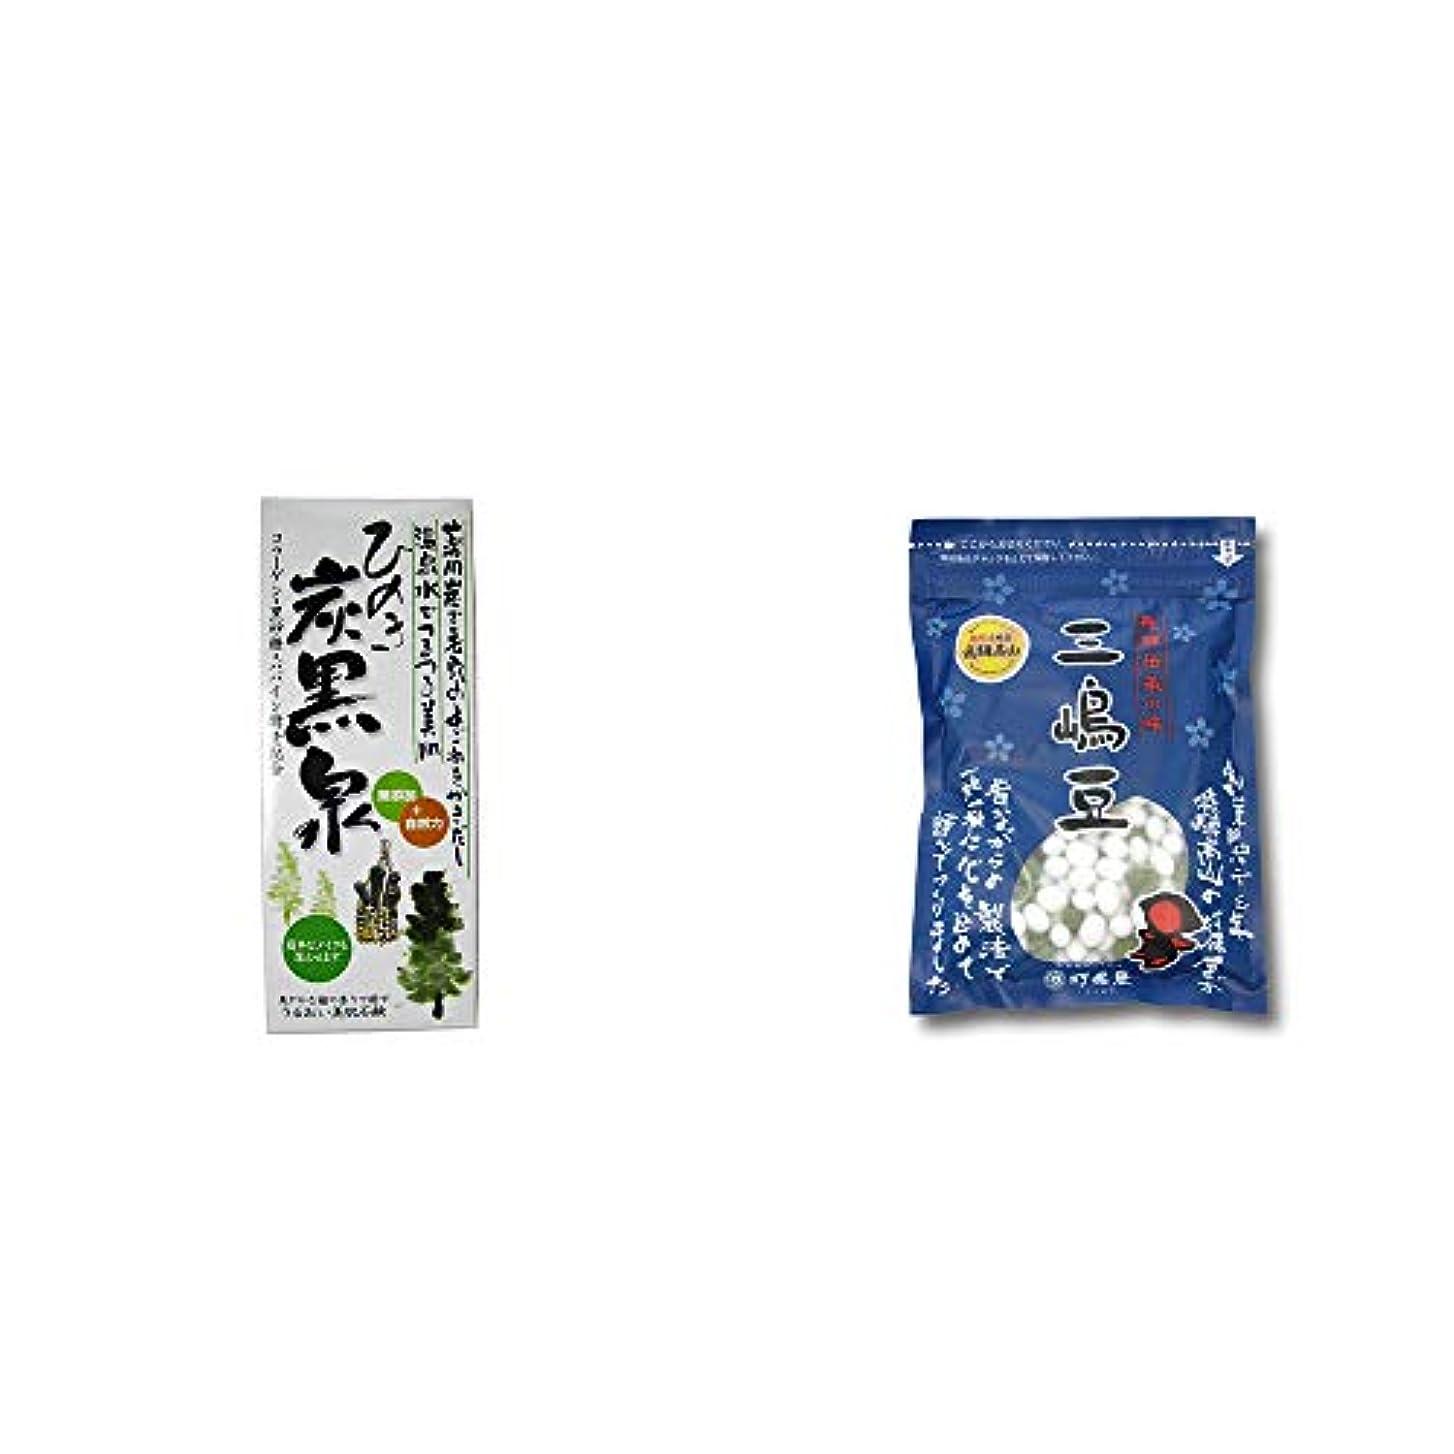 無限状ナット[2点セット] ひのき炭黒泉 箱入り(75g×3)?飛騨 打保屋 駄菓子 三嶋豆(150g)